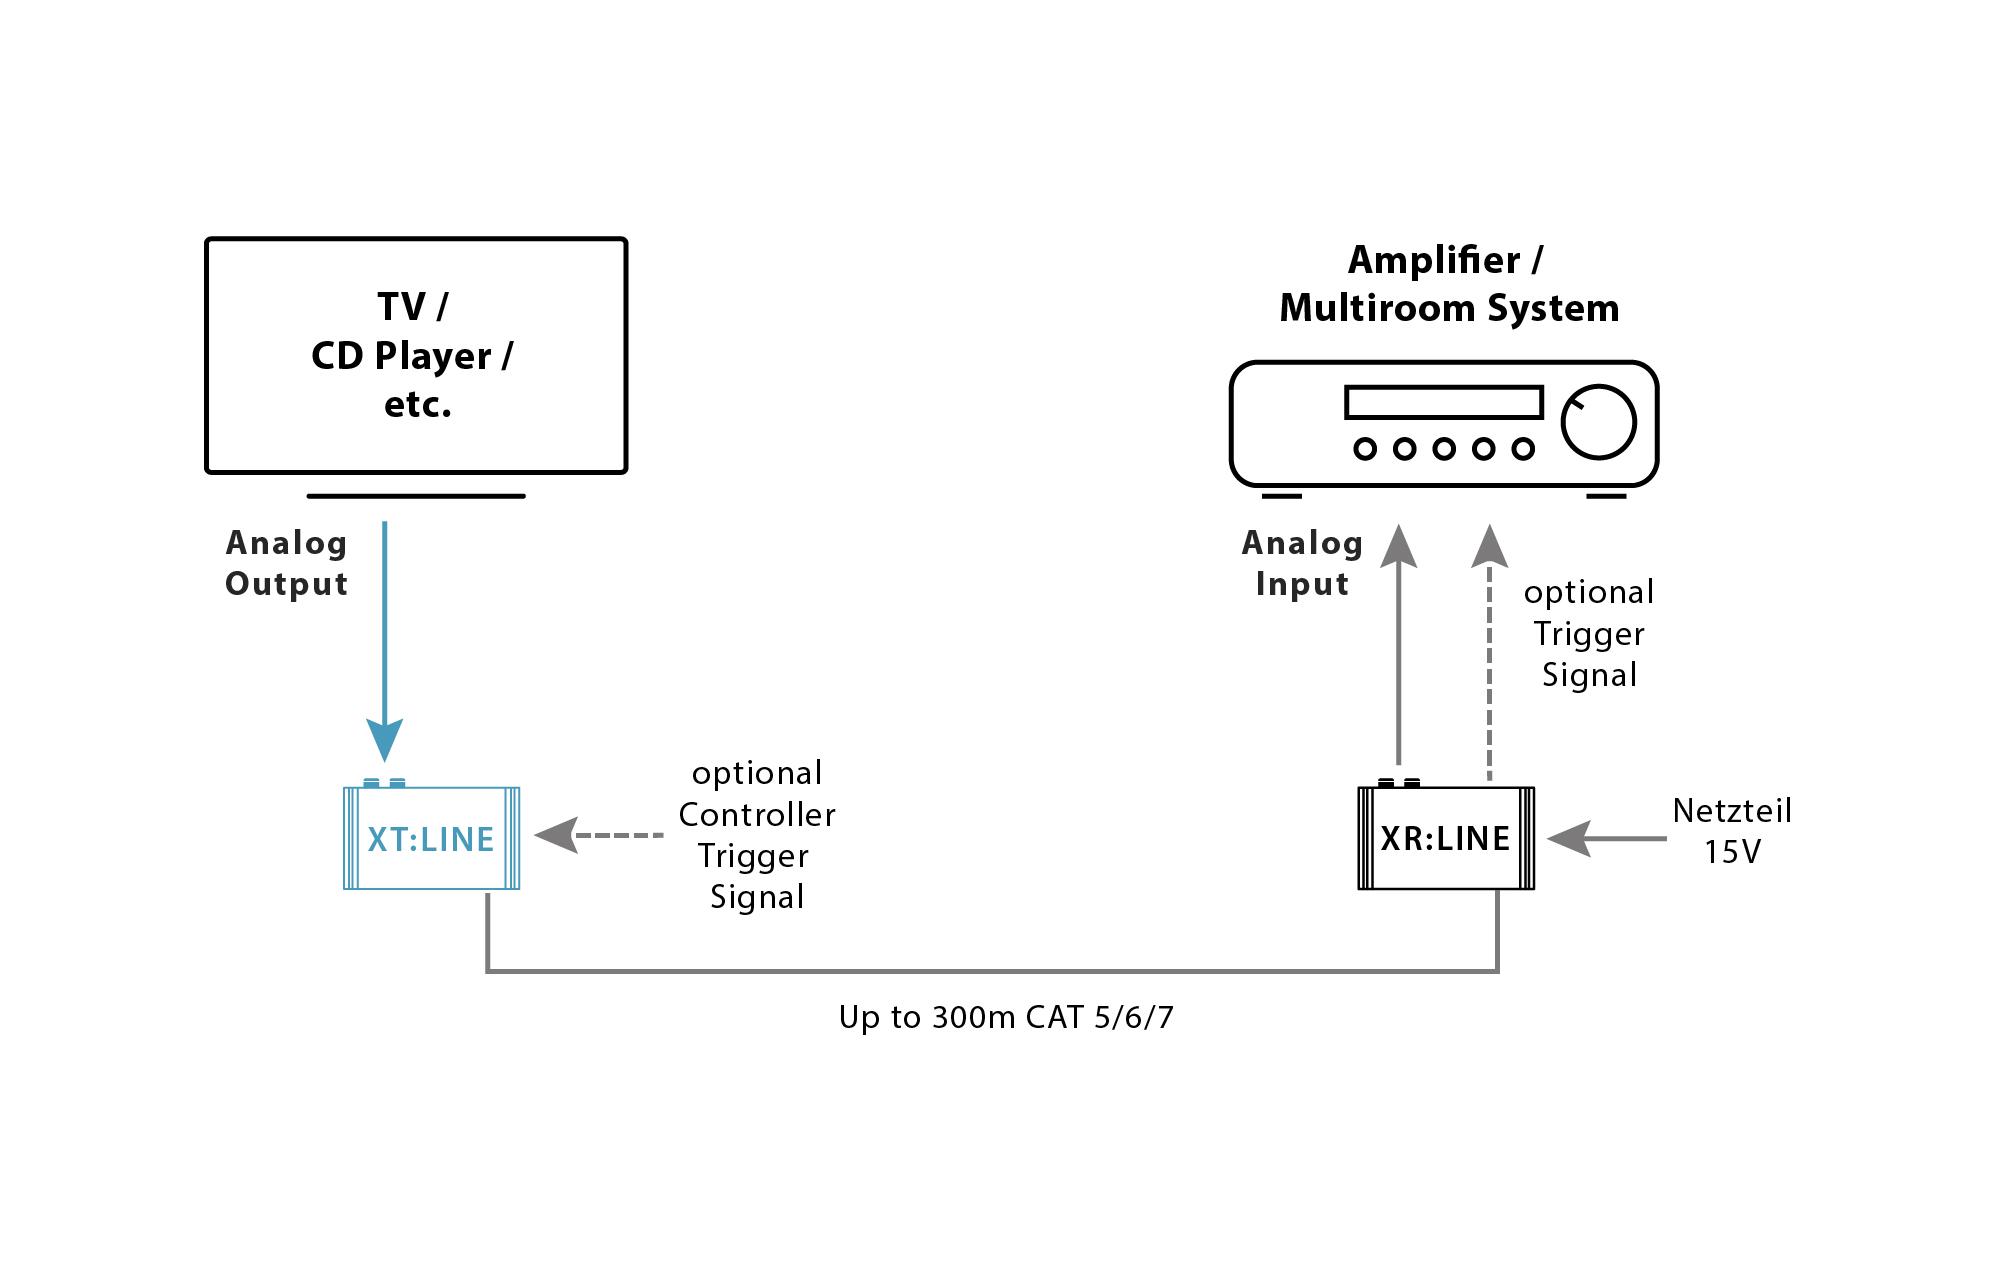 XT:LINE trivum Audio Transmitter